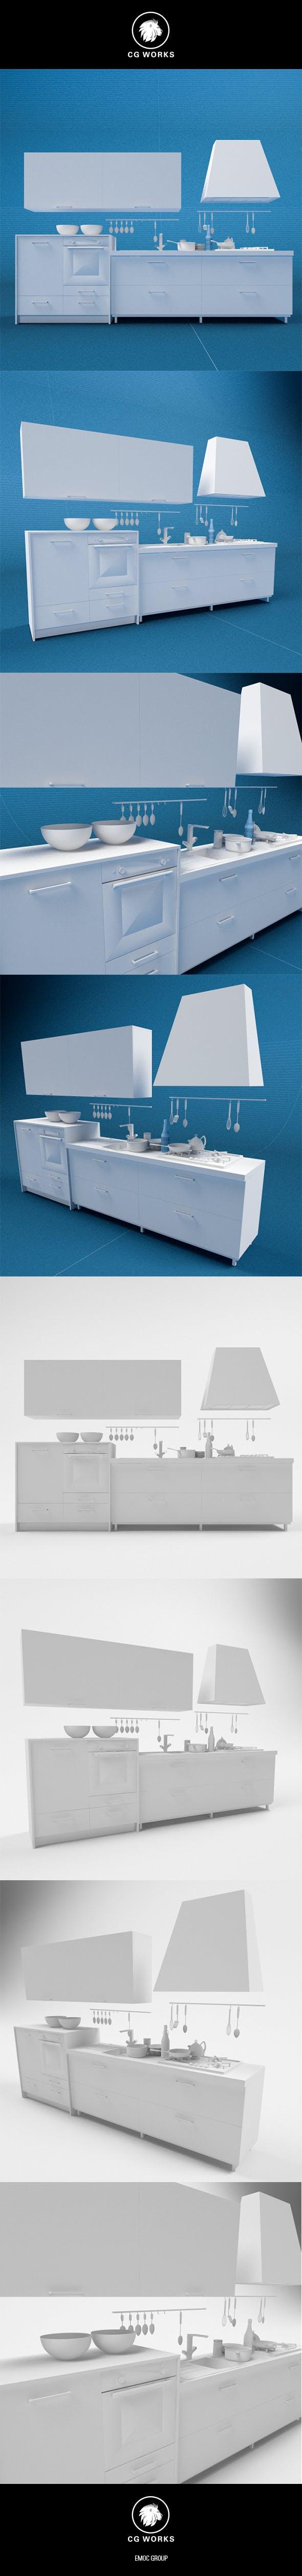 Kitchen 3D C4D & OBJ - 3DOcean Item for Sale